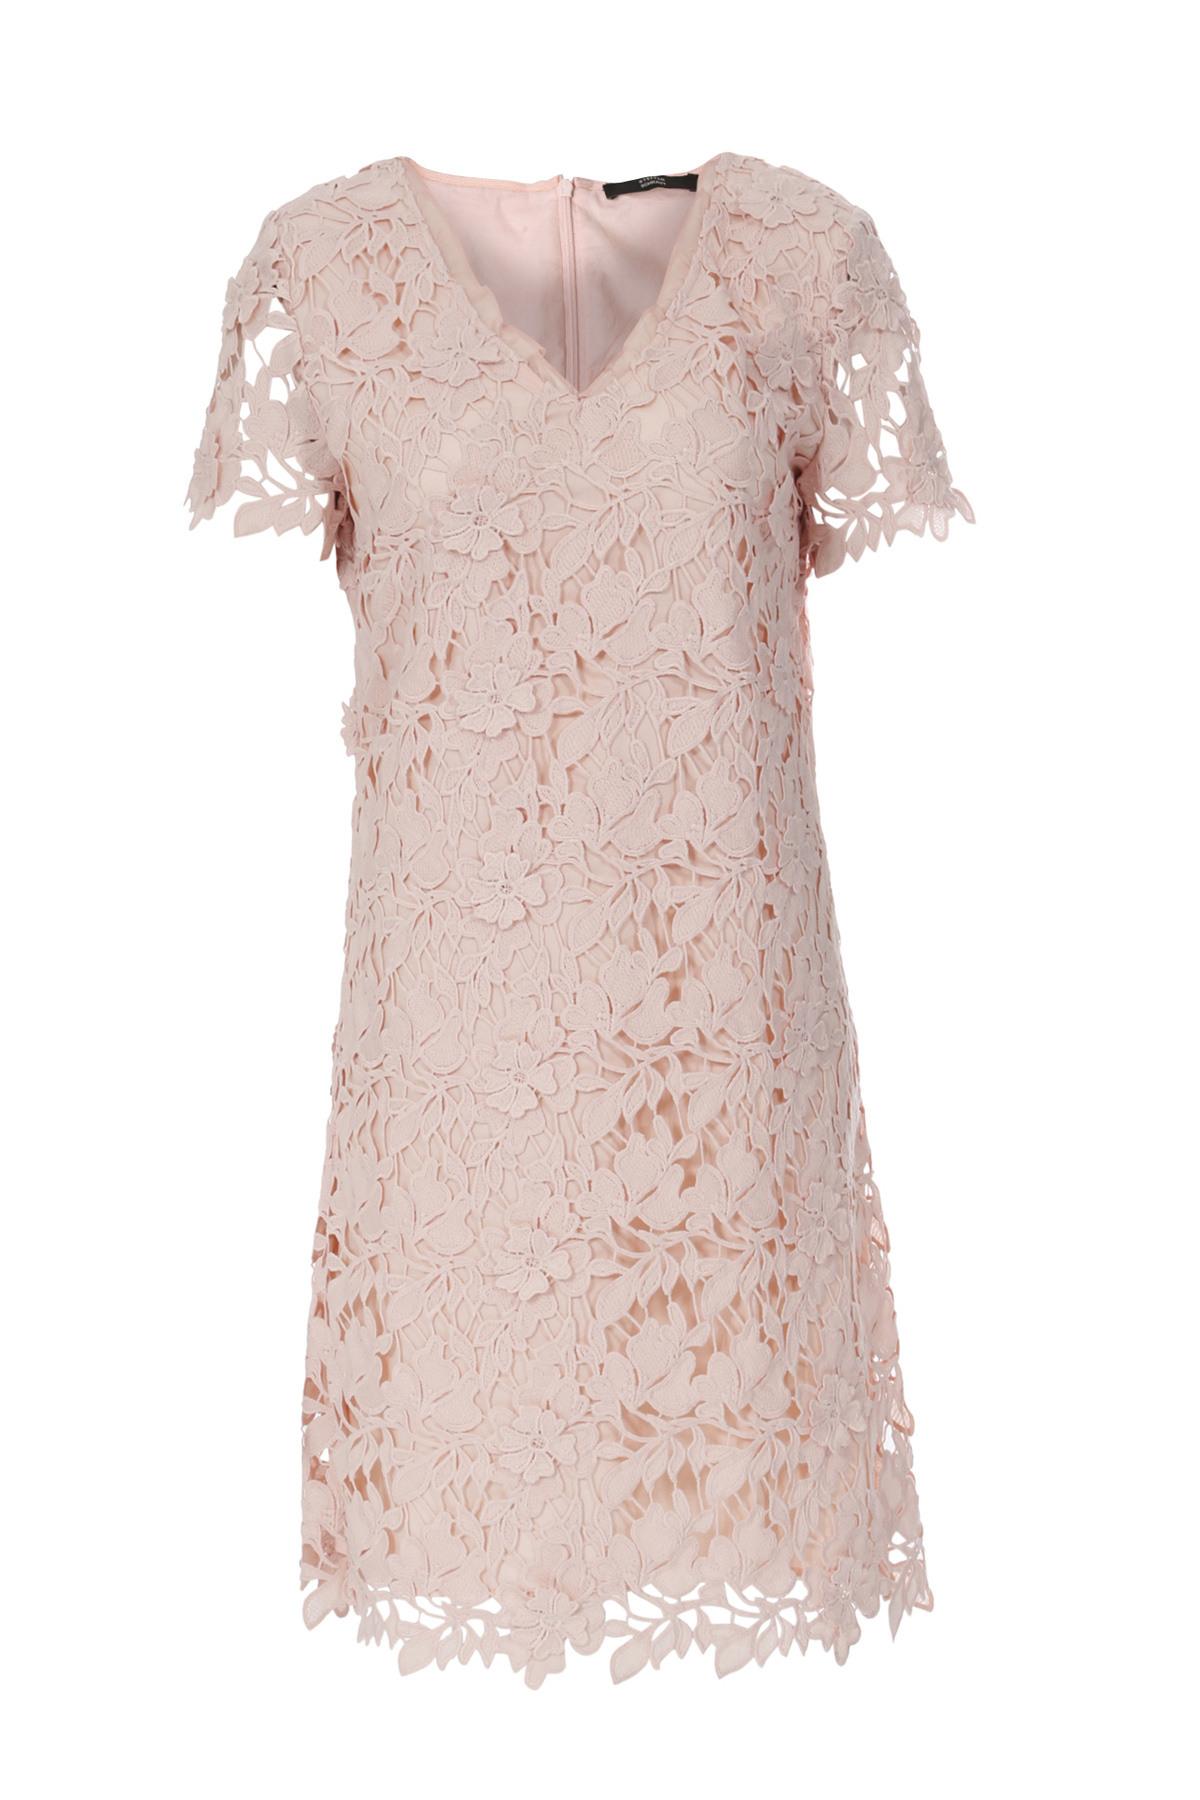 10 Einzigartig Kleid Rosa Spitze Bester Preis13 Leicht Kleid Rosa Spitze Spezialgebiet